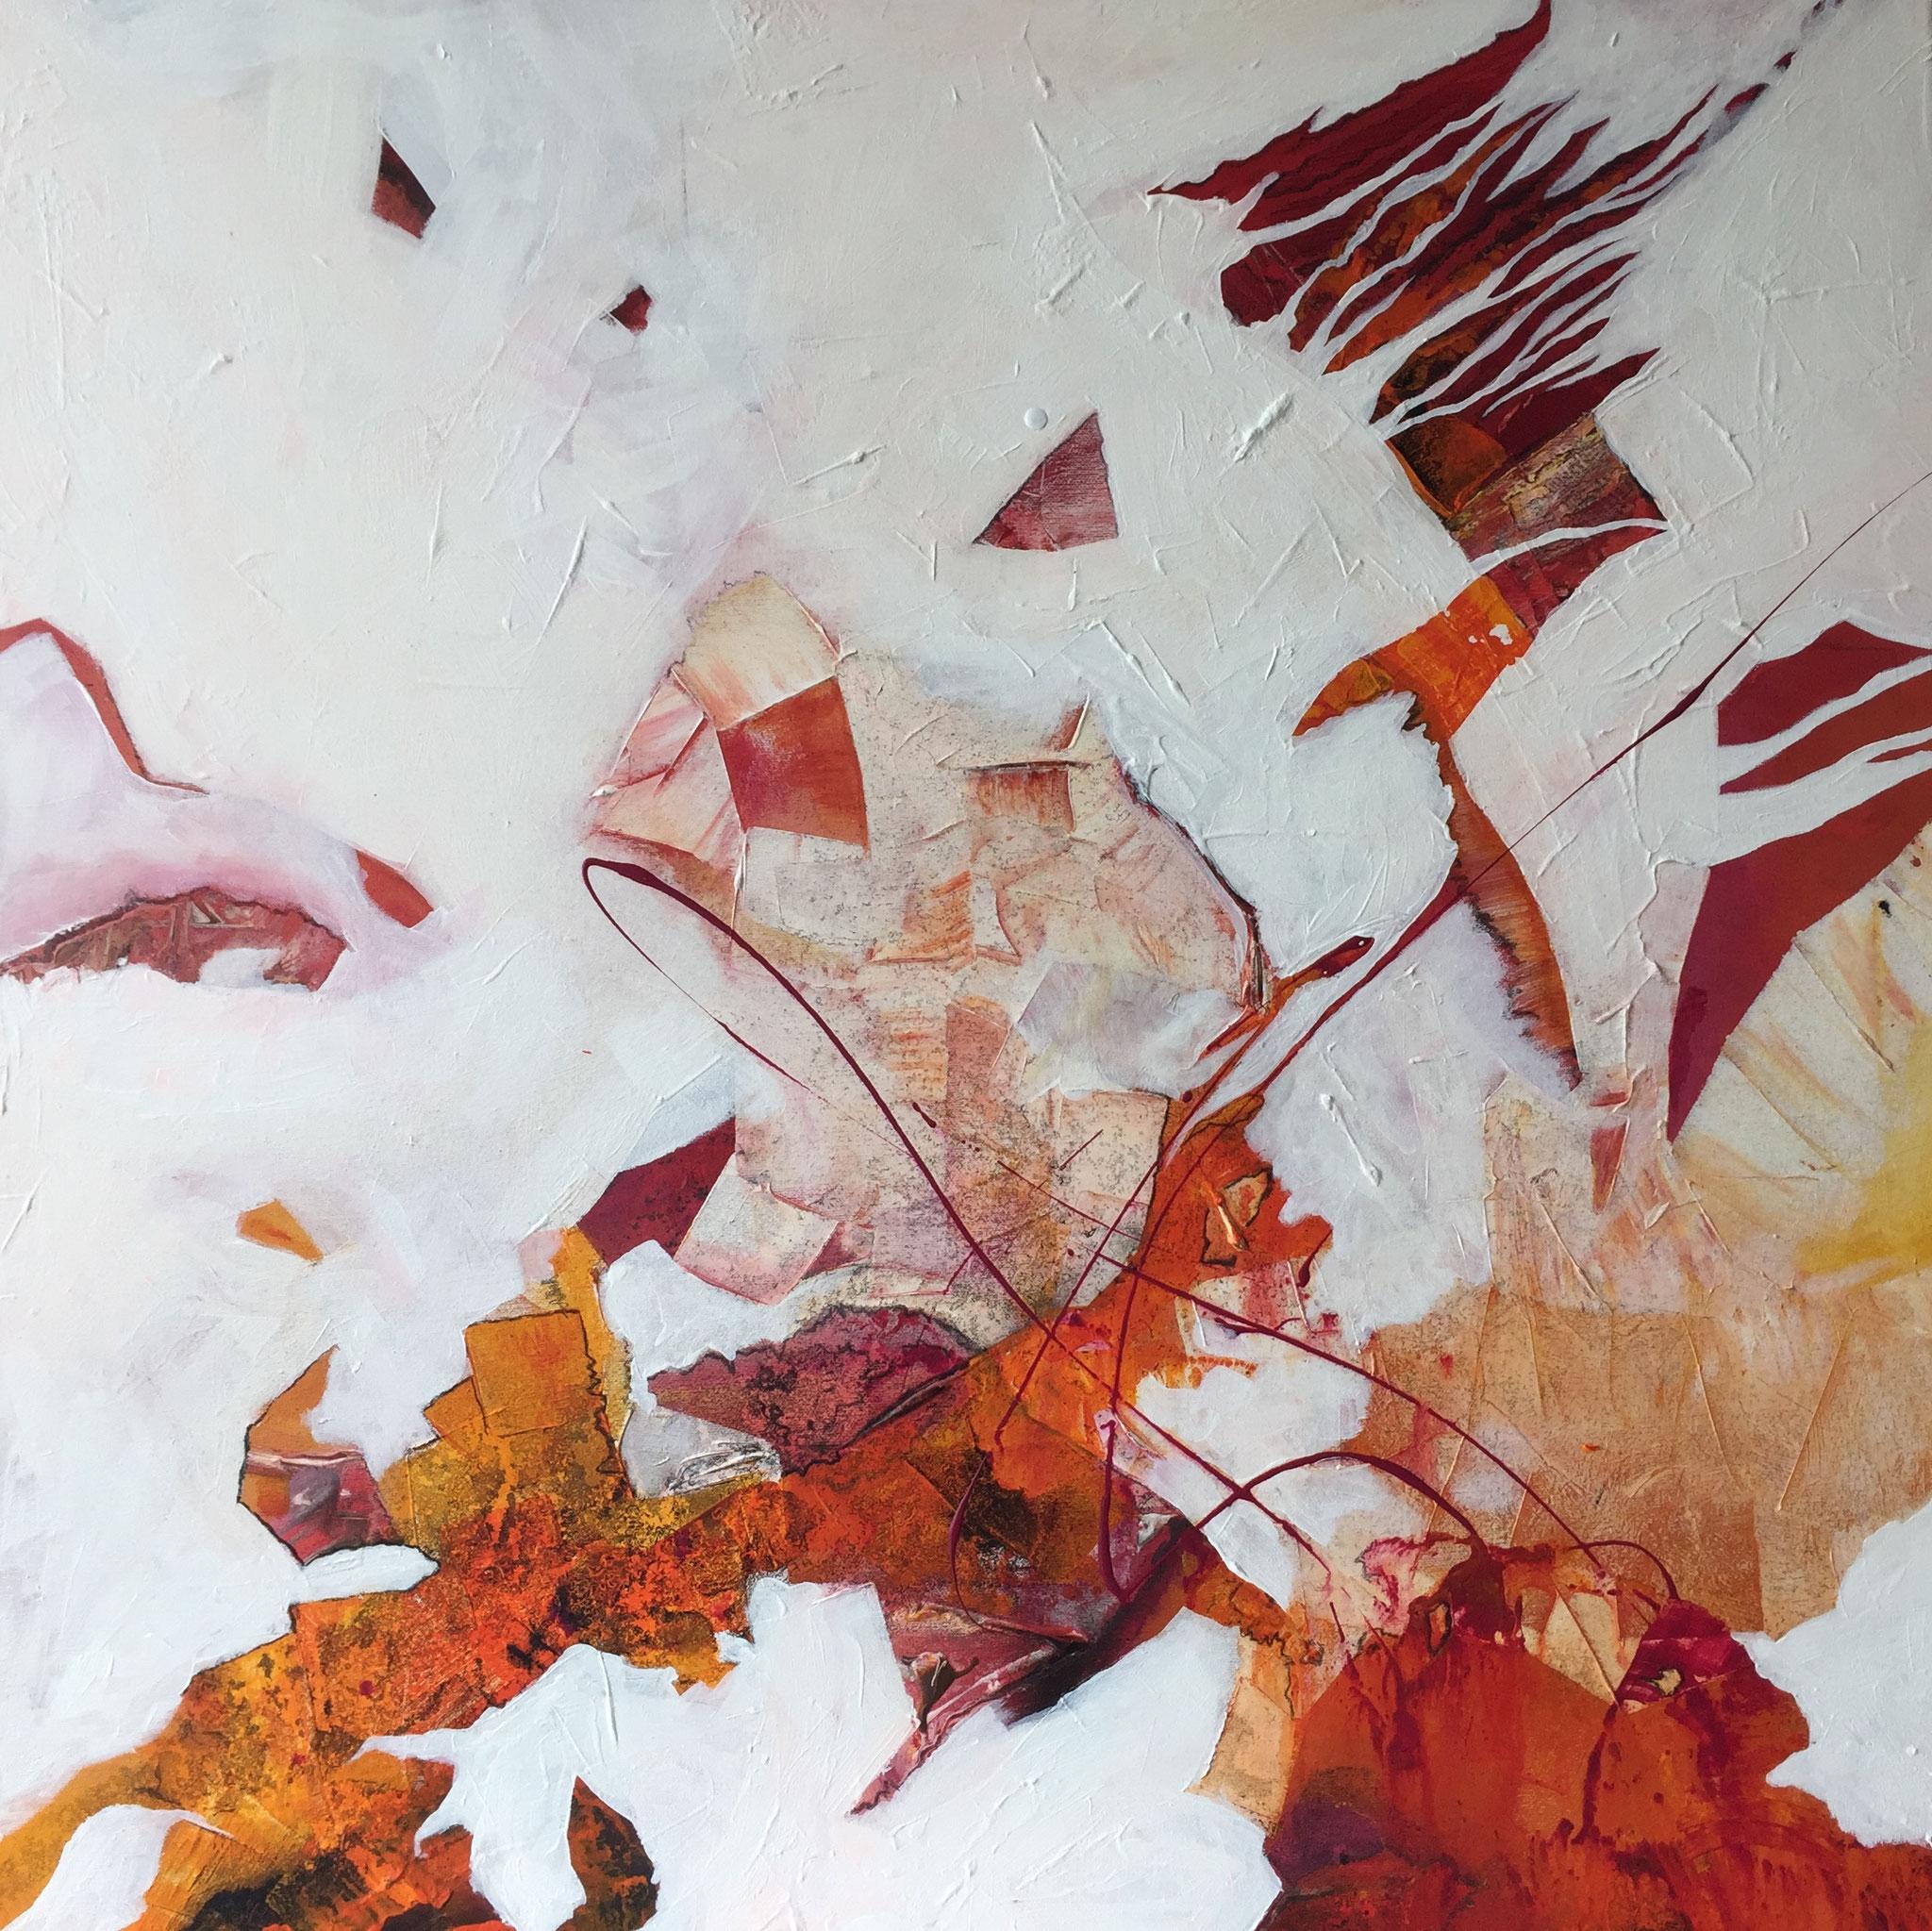 Auflösung, Acryl auf Leinwand, 70 x 70 cm